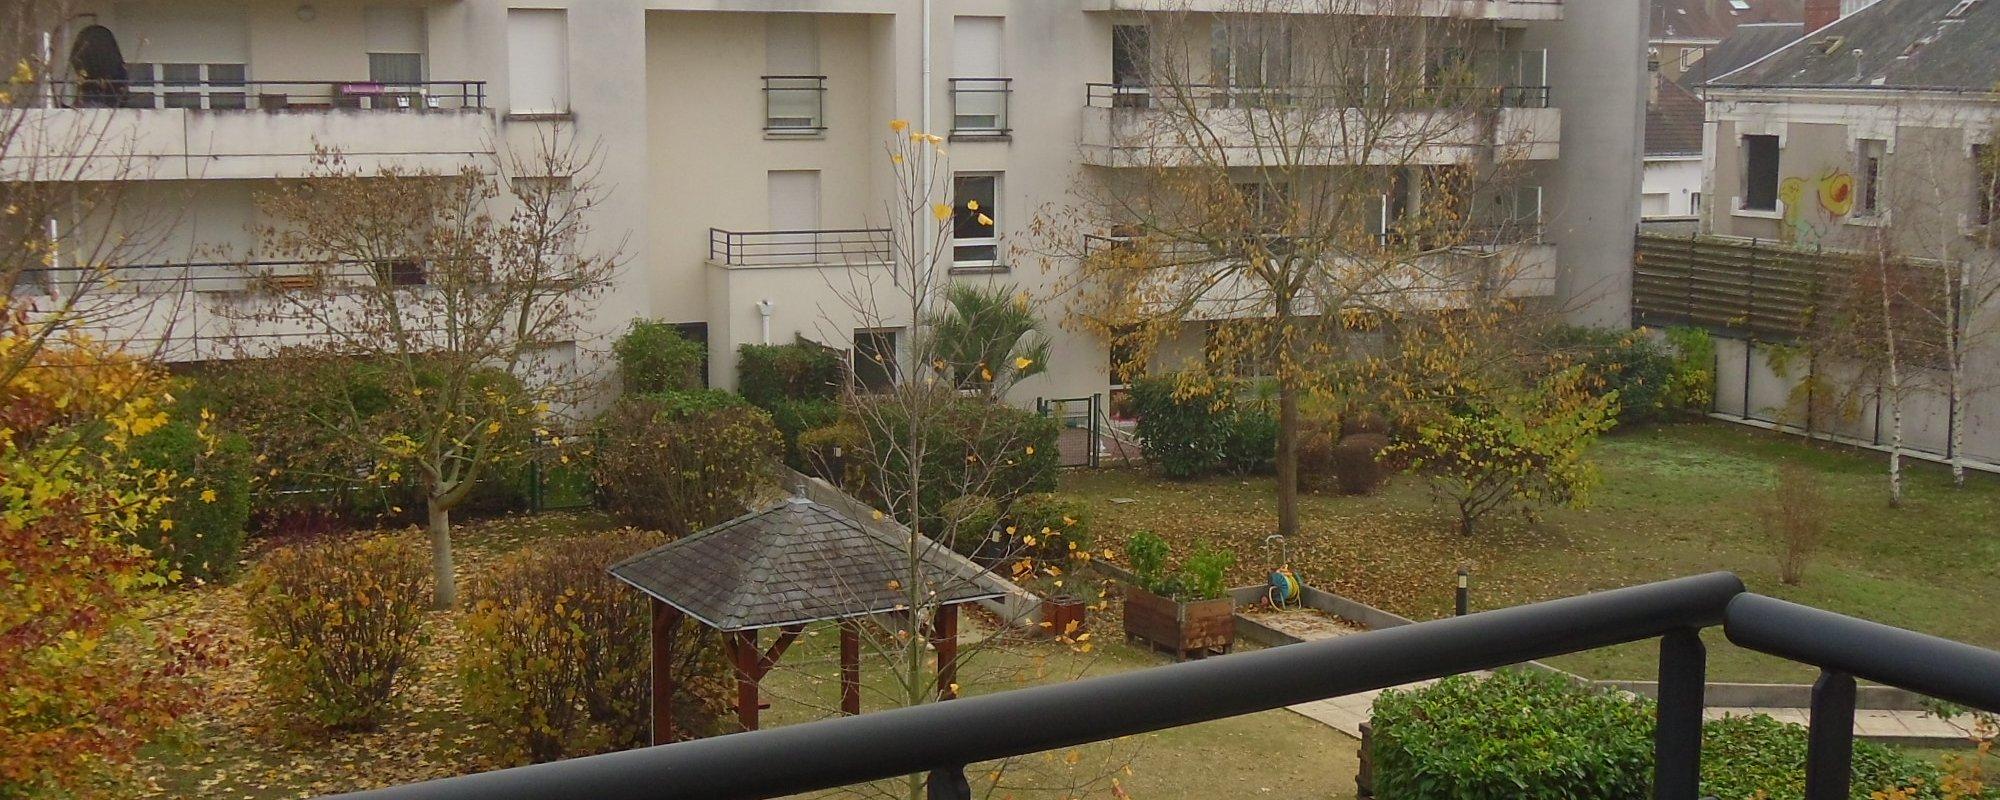 TOURS – Appartement 109m² – balcon et parking sous-sol